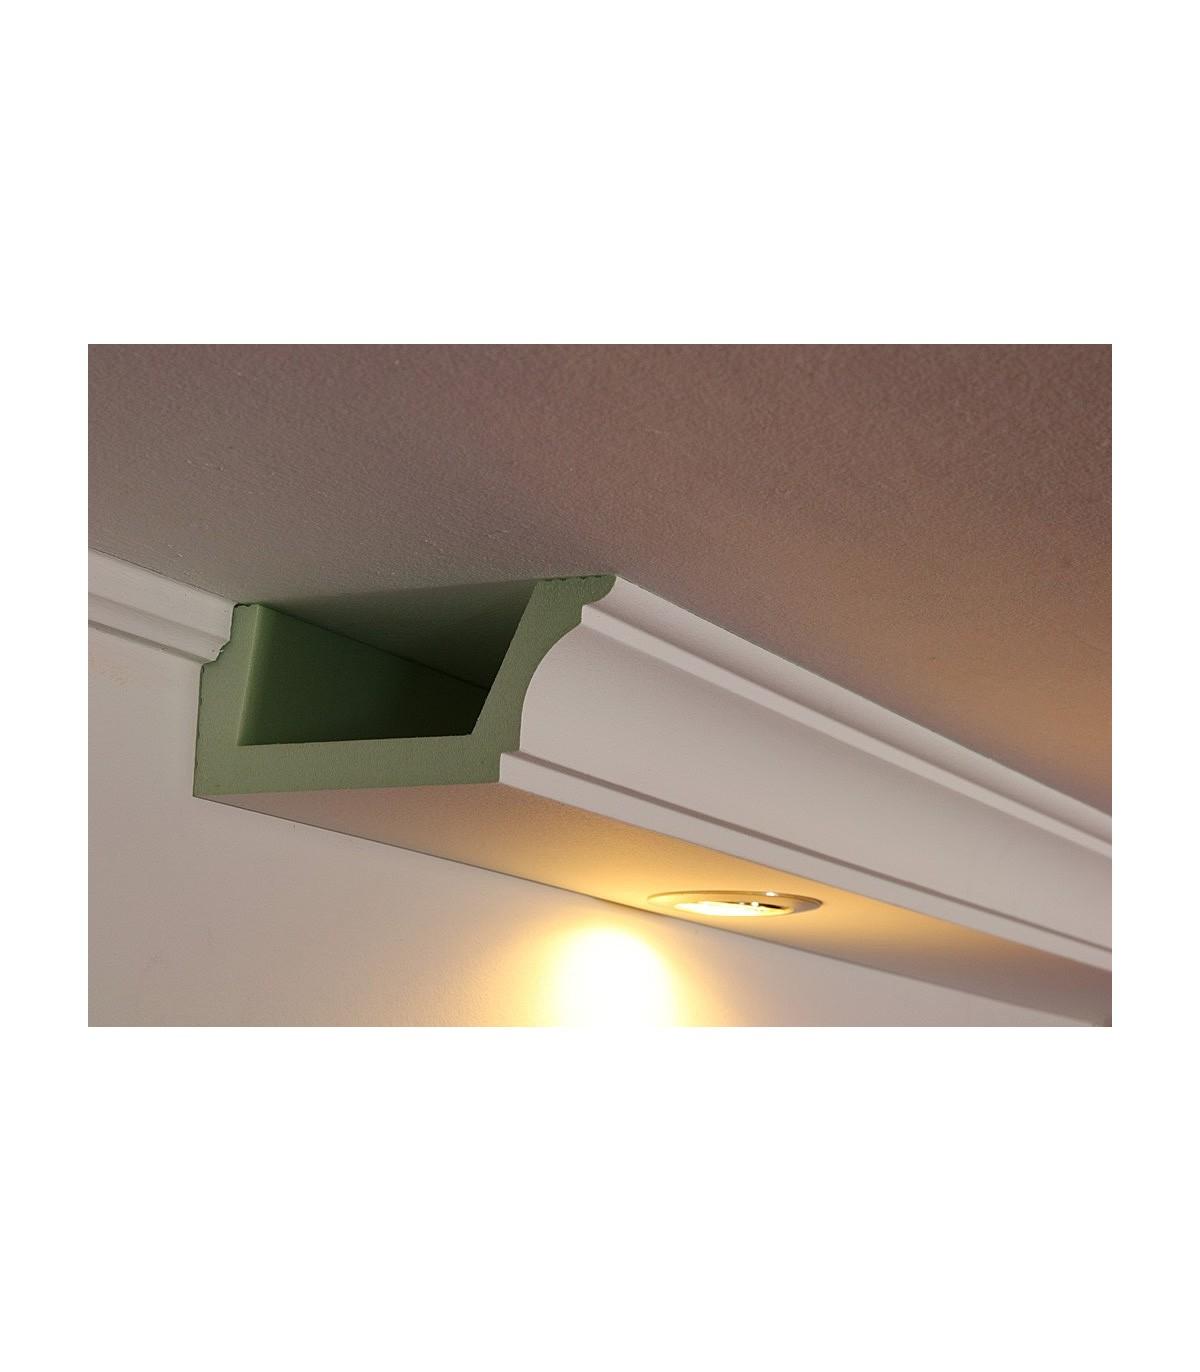 lichtprofil bskl 180a pr f r direkte led beleuchtung der wand bendu. Black Bedroom Furniture Sets. Home Design Ideas